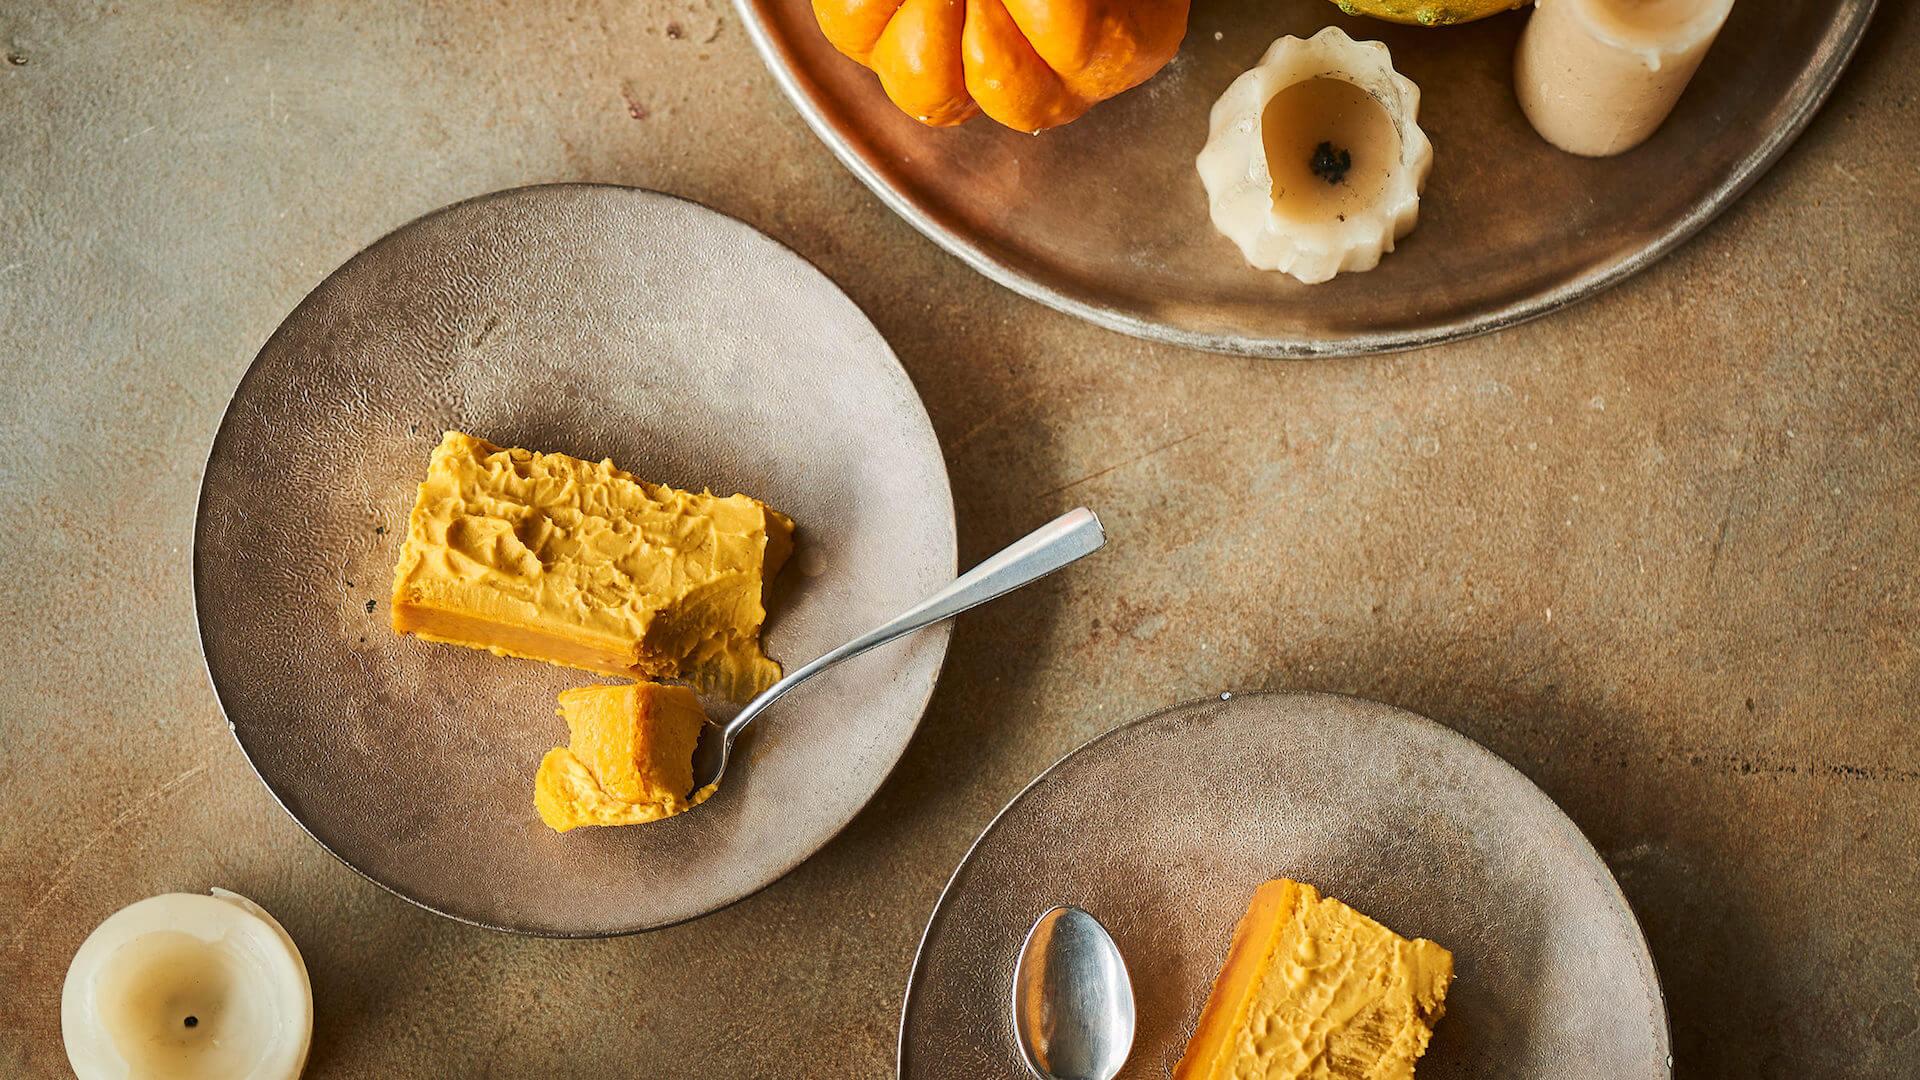 チーズケーキ専門店Mr. CHEESECAKEでハロウィン限定フレーバー「パンプキン バタースコッチ」が数量限定販売決定! gourmet200928_mrcheesecake_1